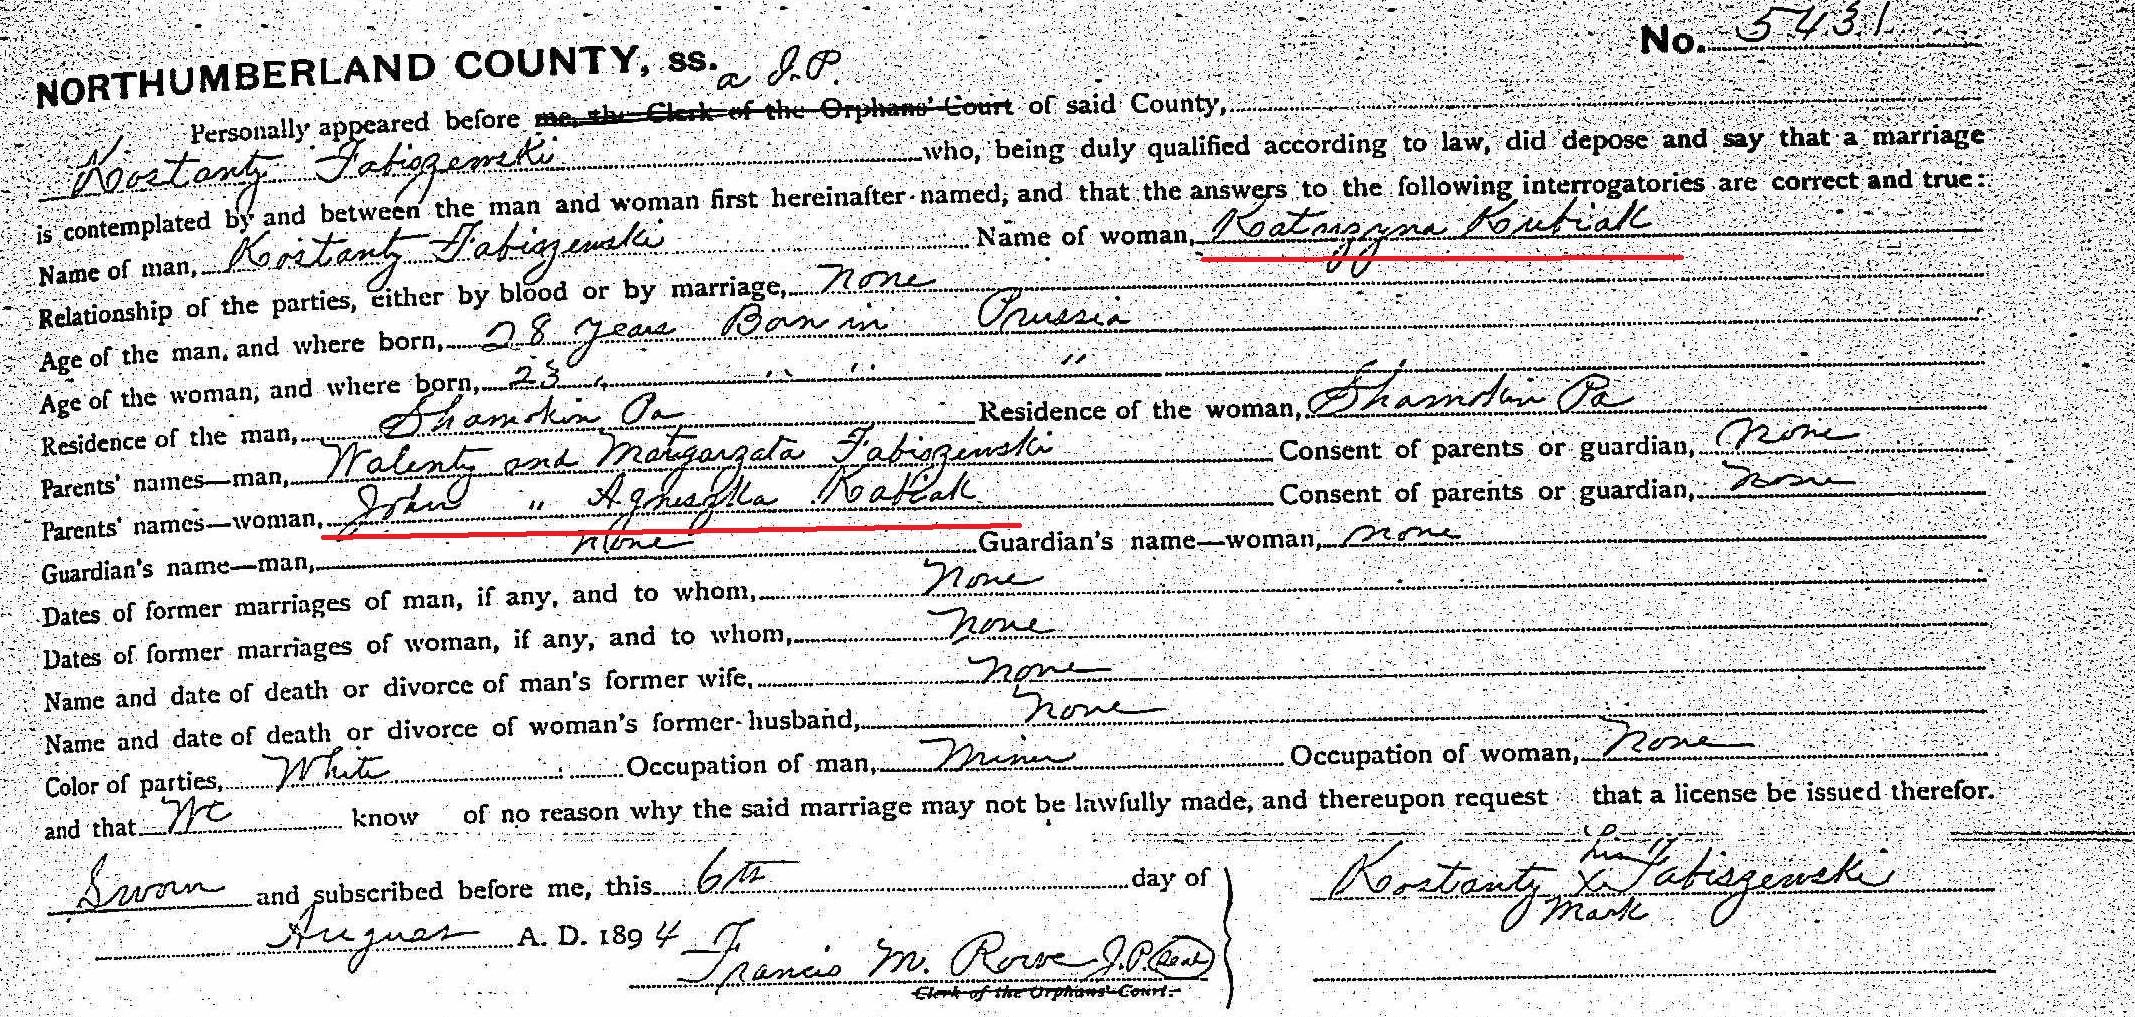 Konstanty Fabiszewski and Katherine Konczal 1894 crop marked